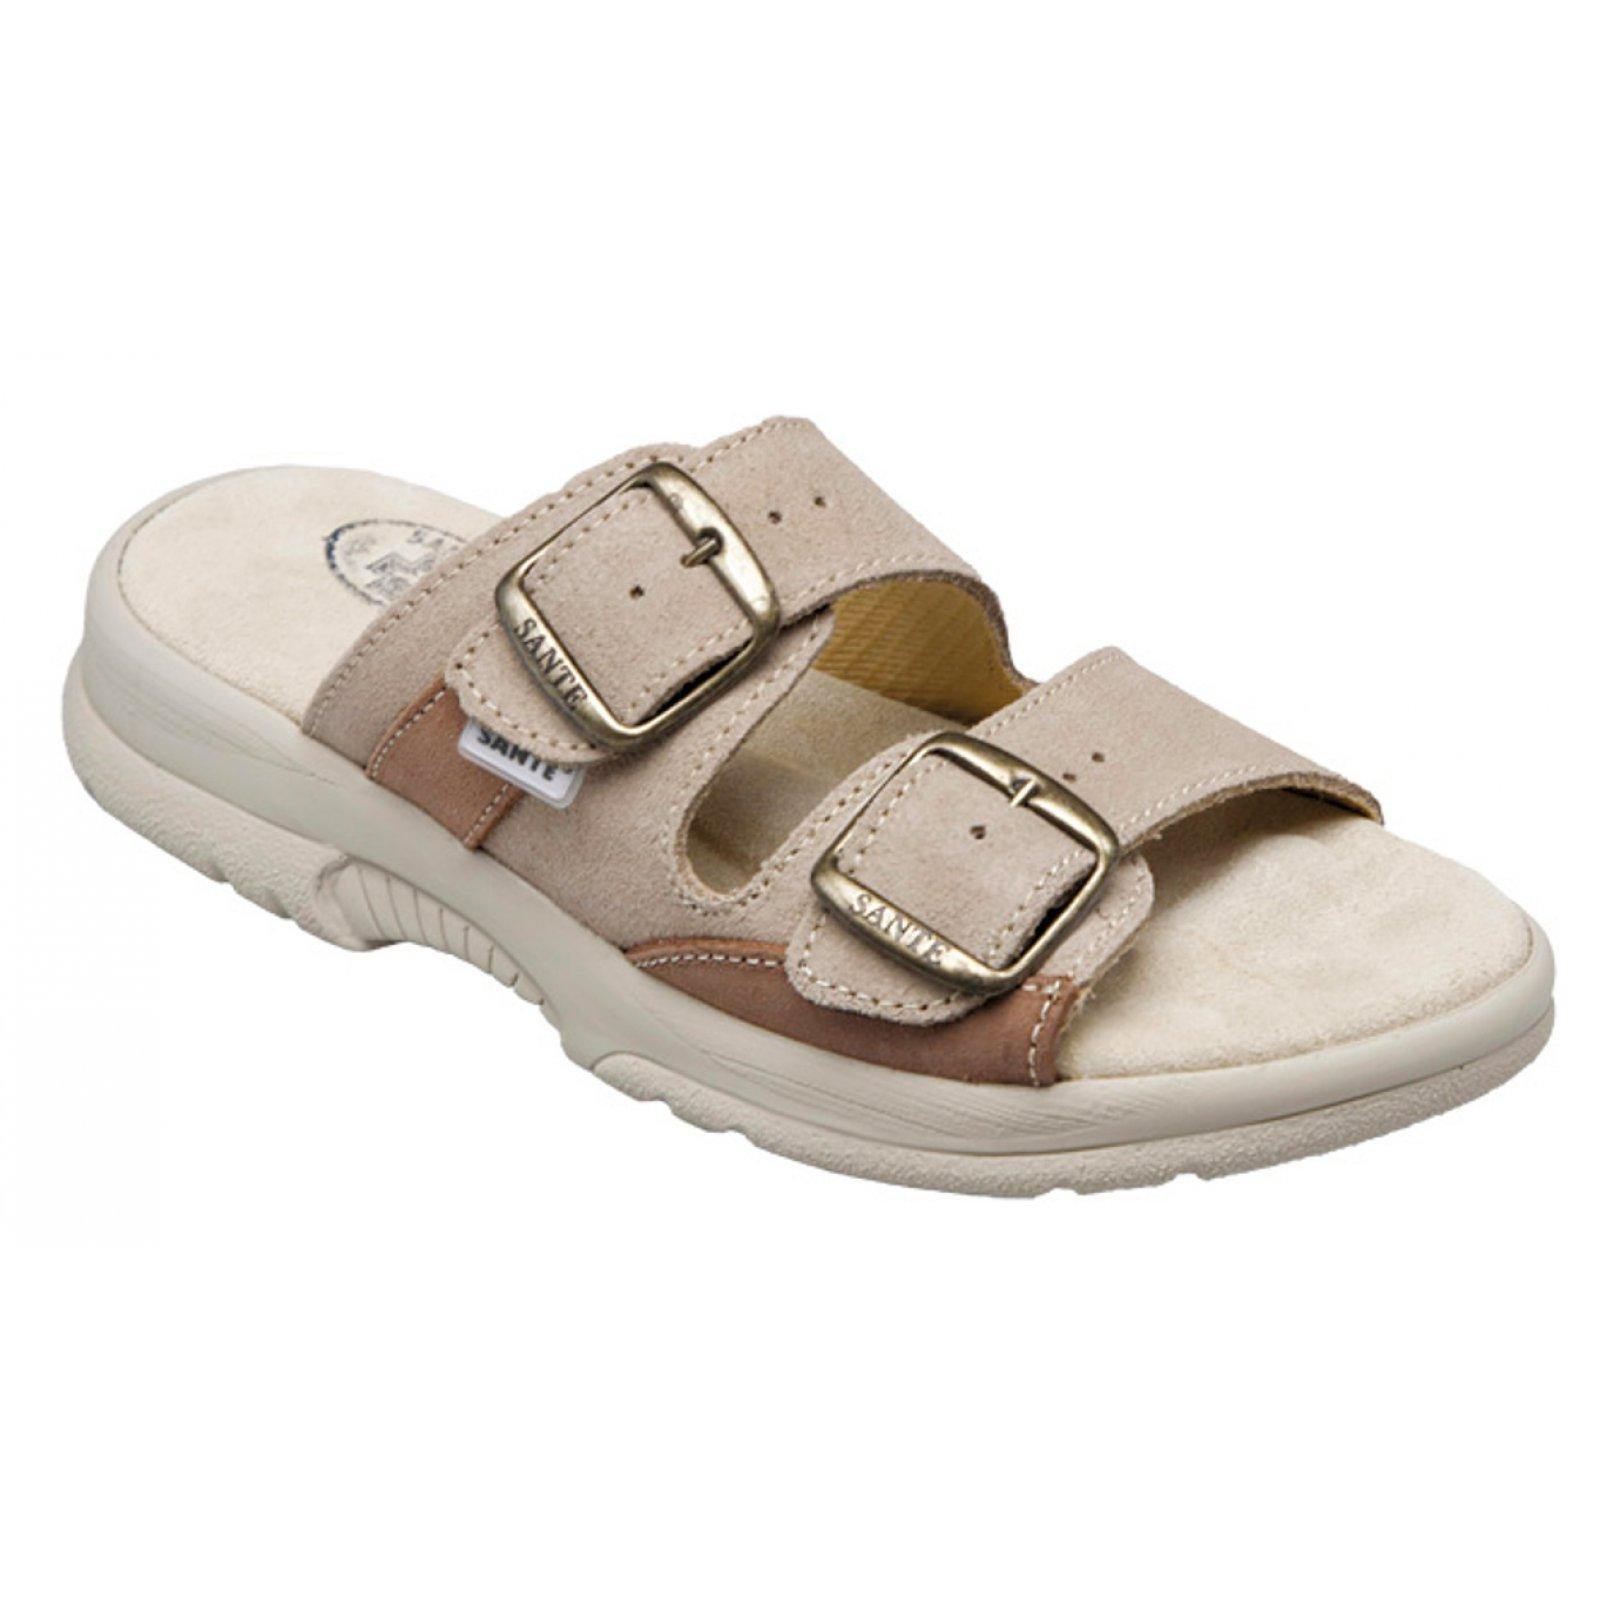 dámské pantofle Santé 517 33 28 47 béžové - KARS 0b70186baf